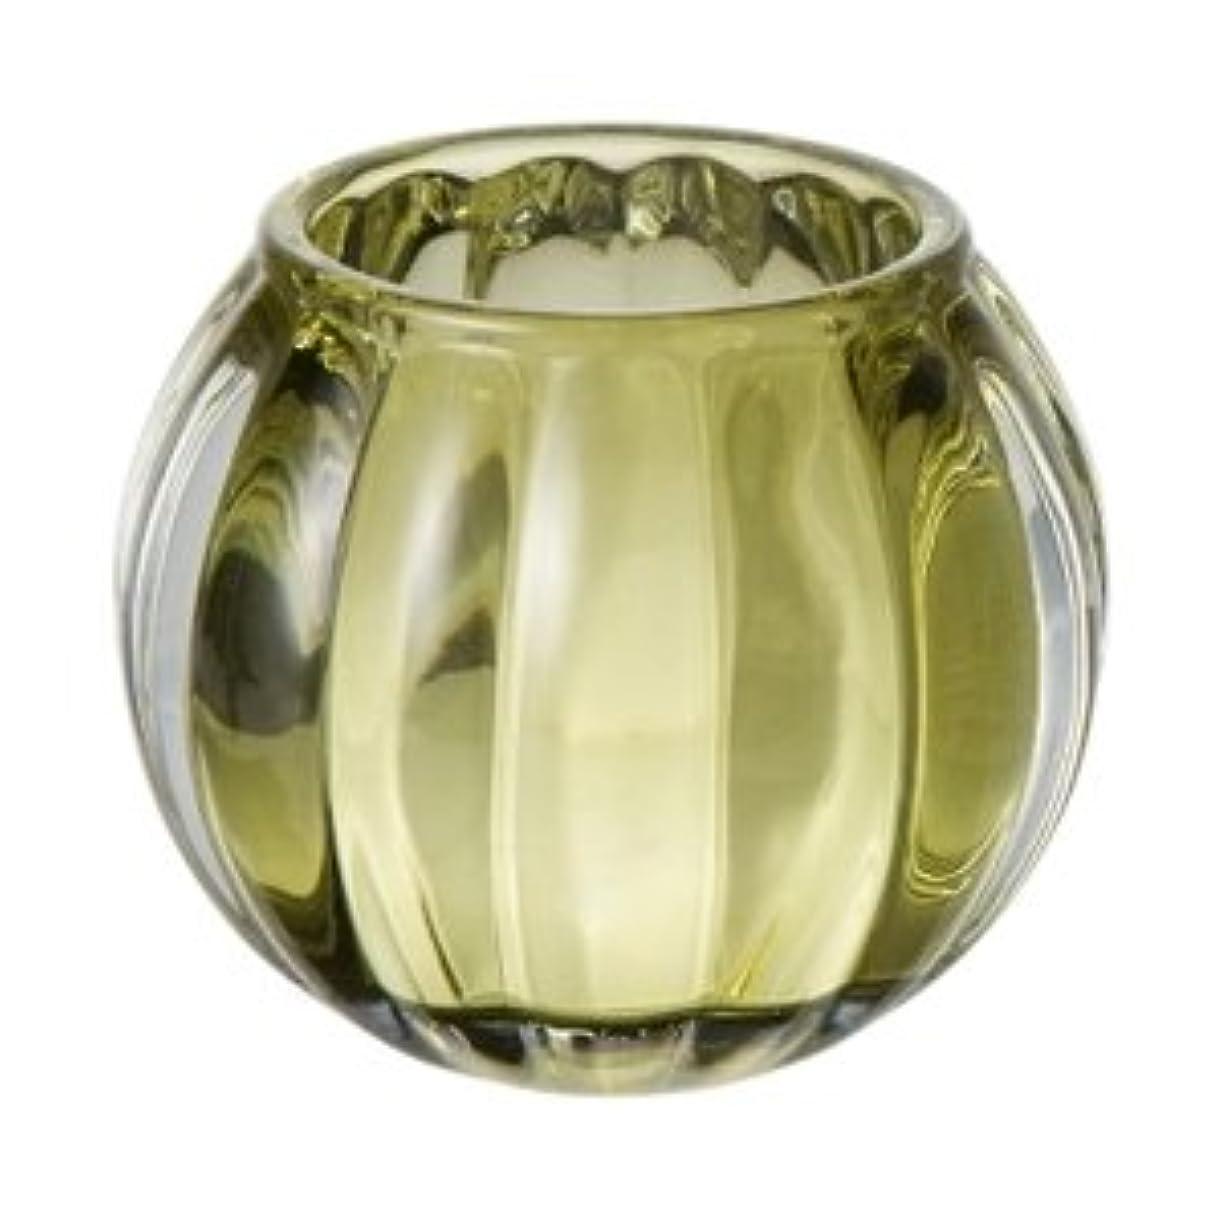 下線高揚した潤滑するキャンドルグラス スクワッシュ グリーン